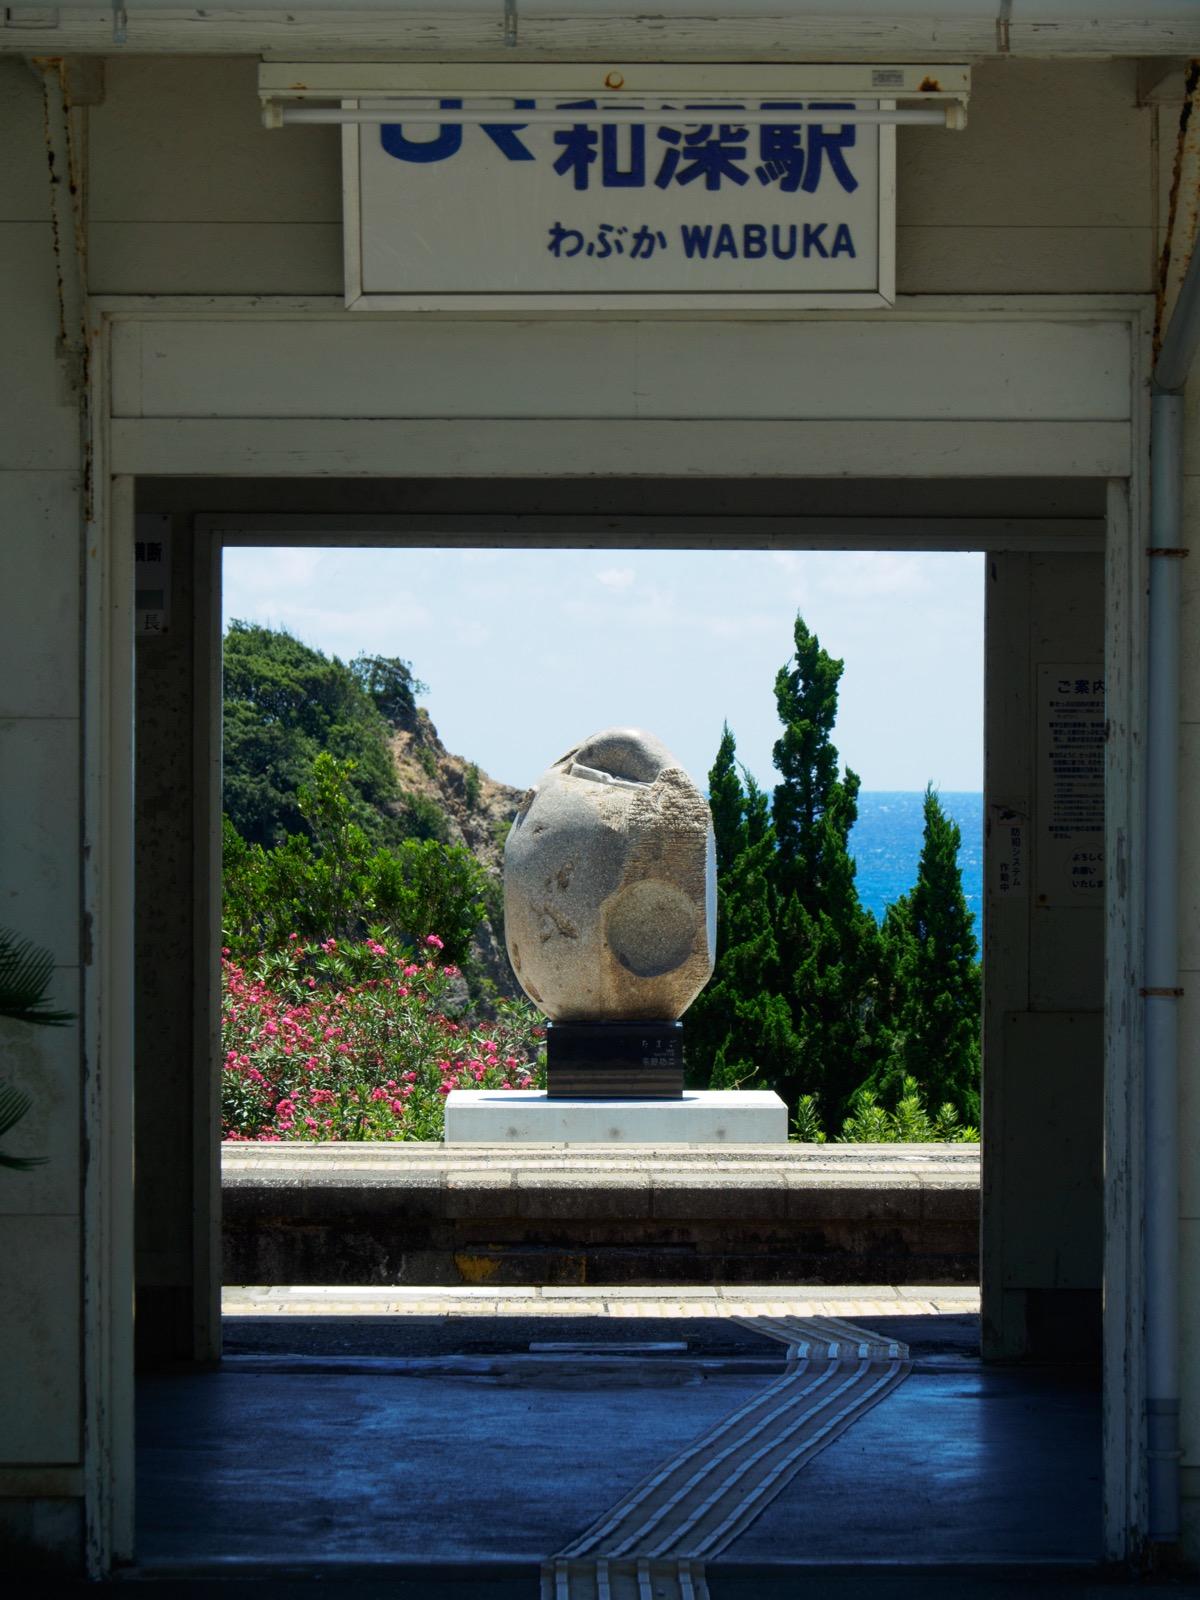 和深駅の駅前から見た「たまご」のオブジェ